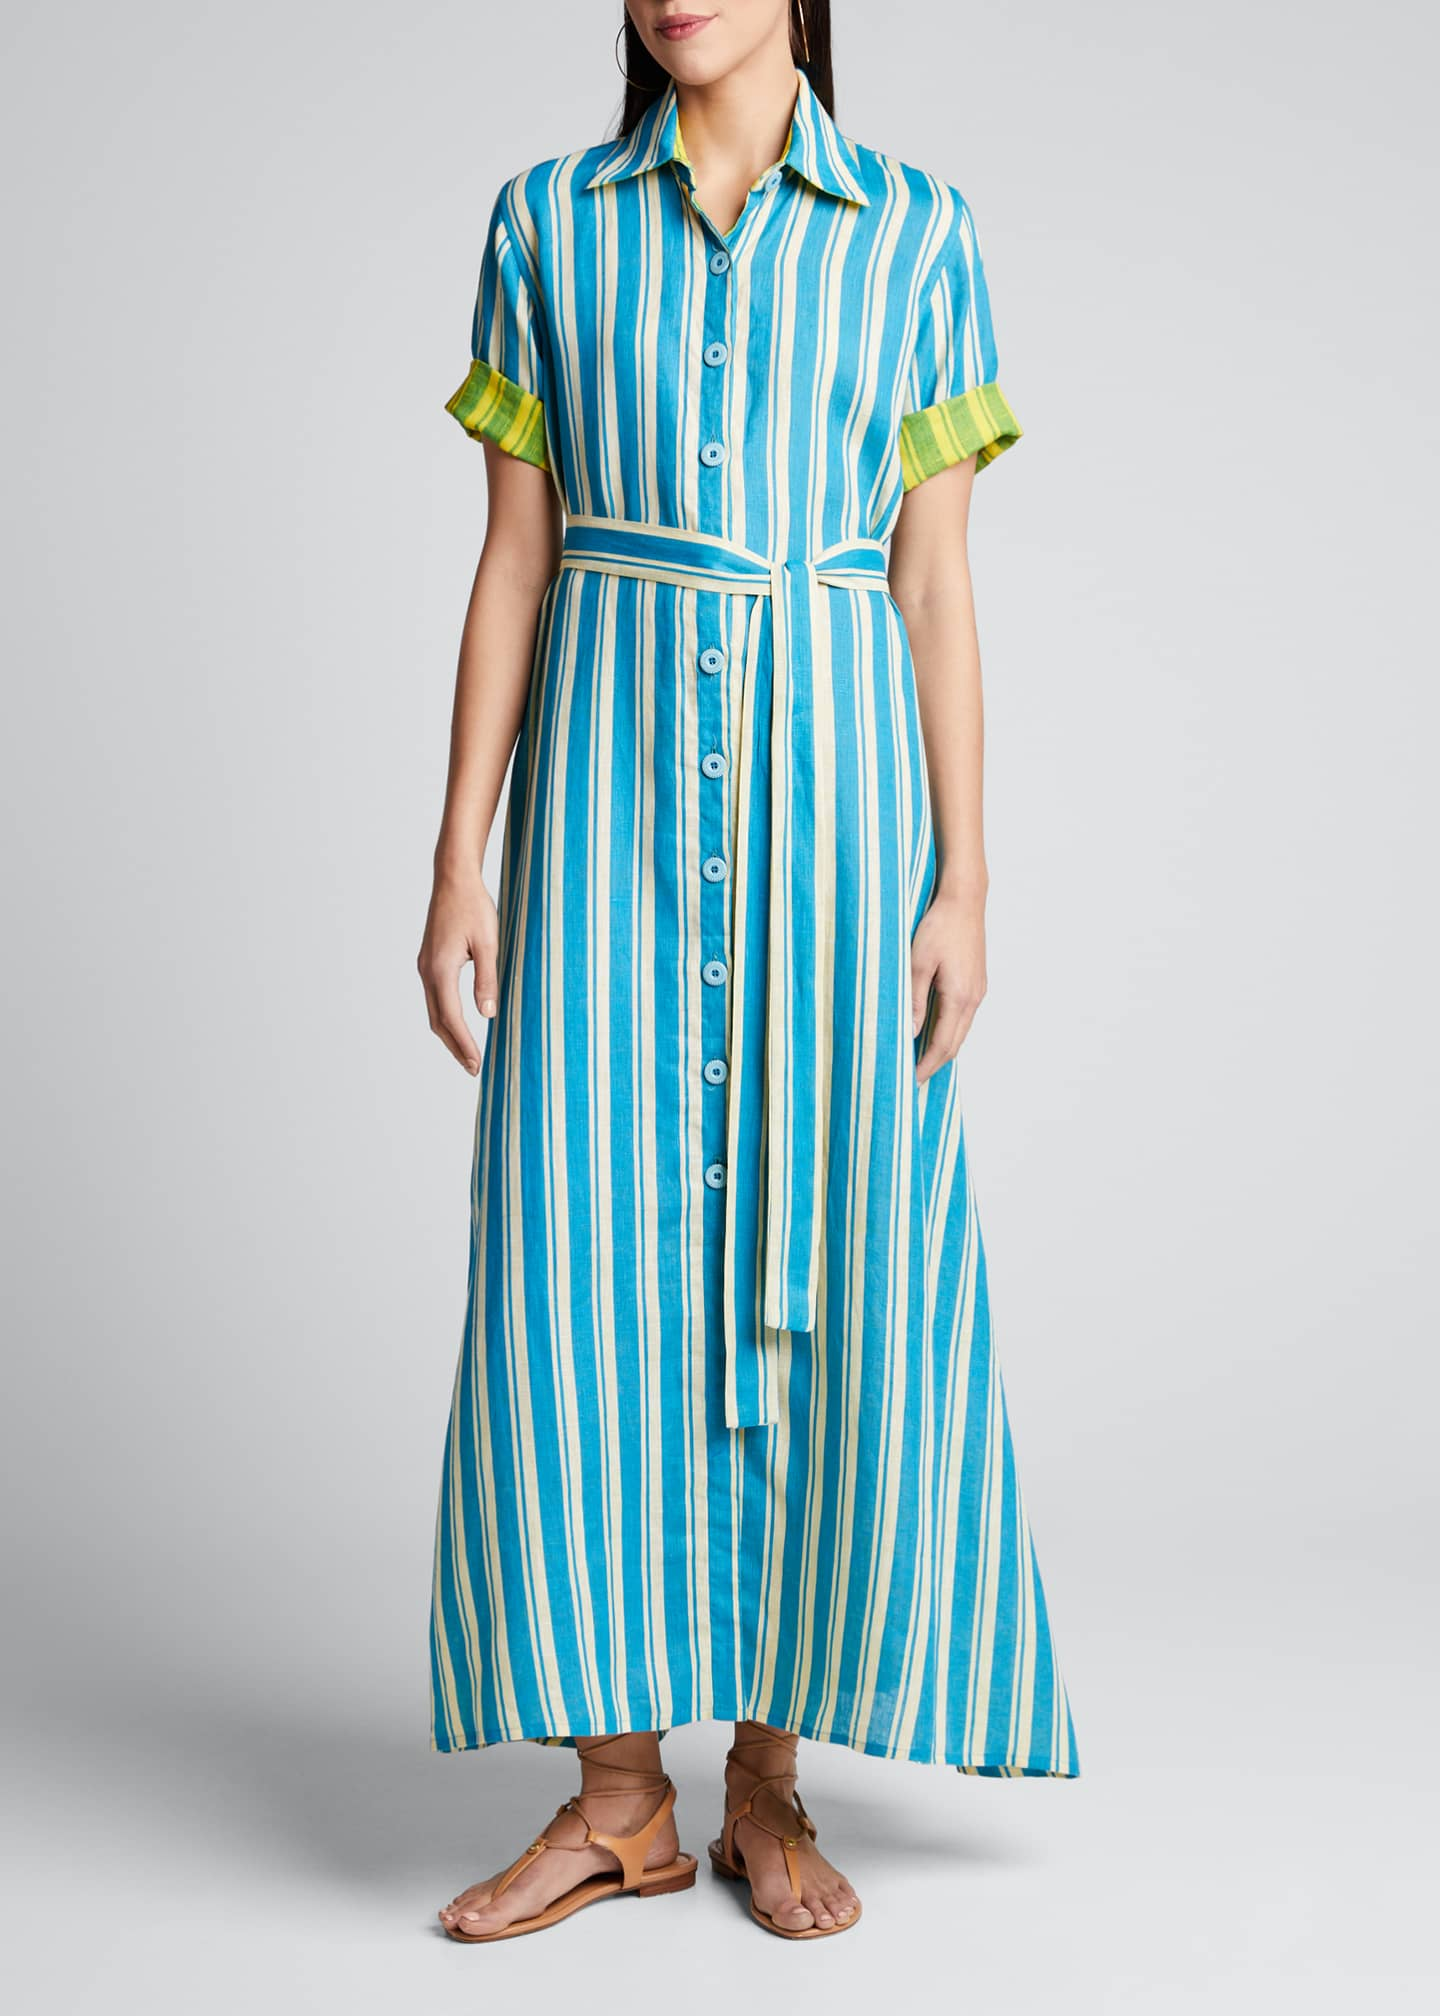 Evi Grintela Sunflower Linen Belted Shirtdress